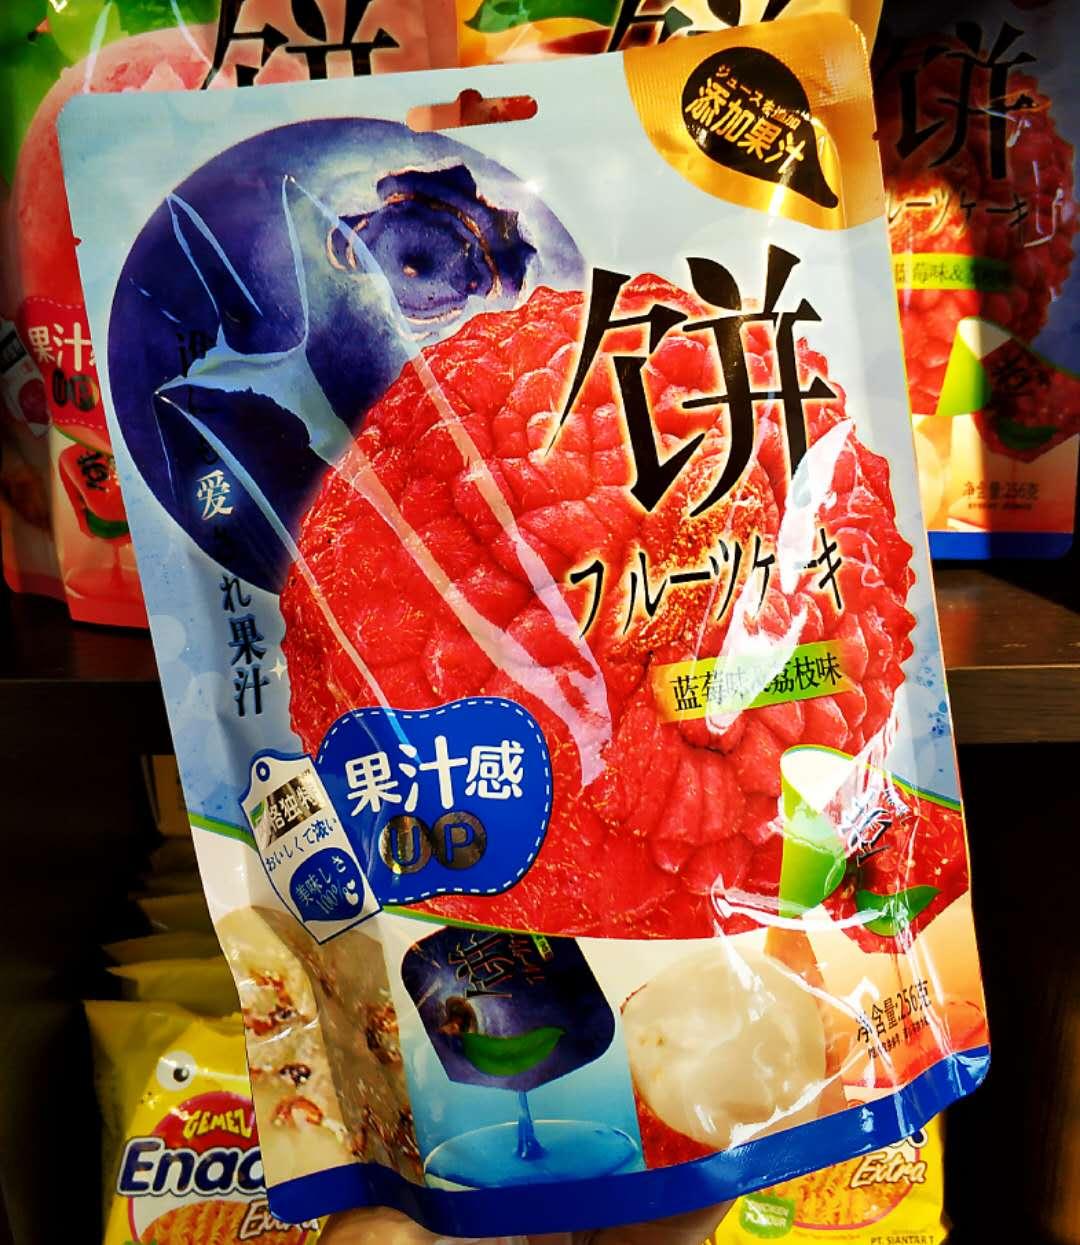 澳门淘珍饼果汁型果冻256g白桃葡萄芒果苹果蓝莓荔枝味满88元包邮